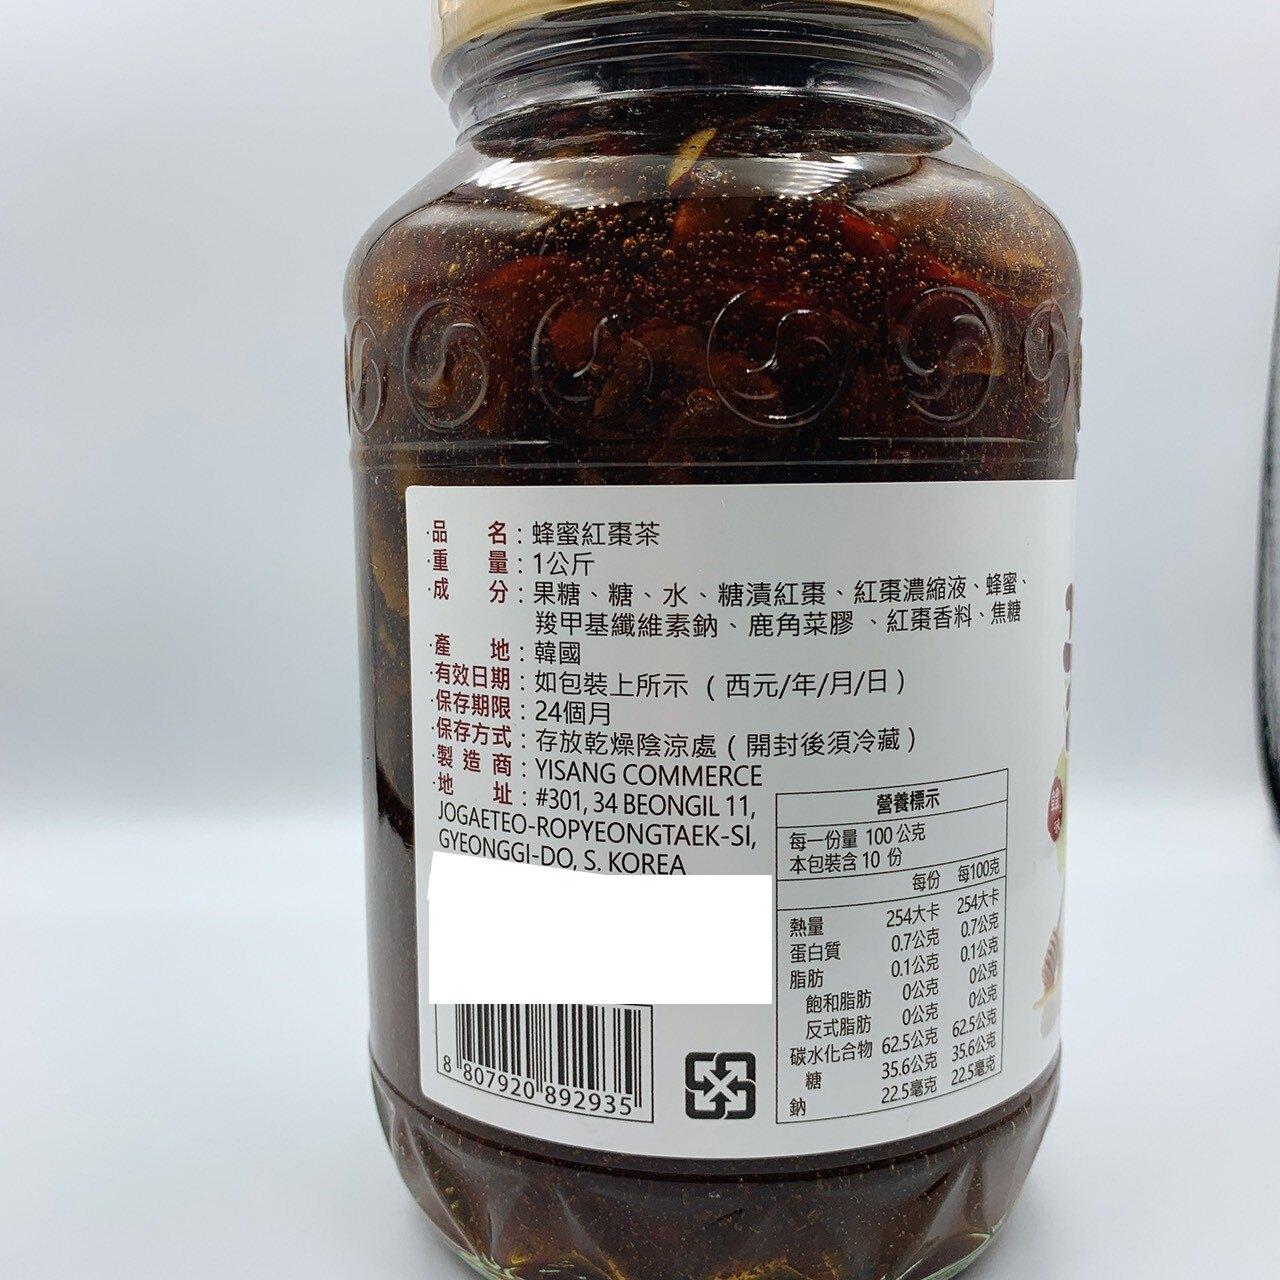 YISANG 蜂蜜紅棗茶 1kg 韓國蜂蜜紅棗茶 紅棗蜂蜜茶